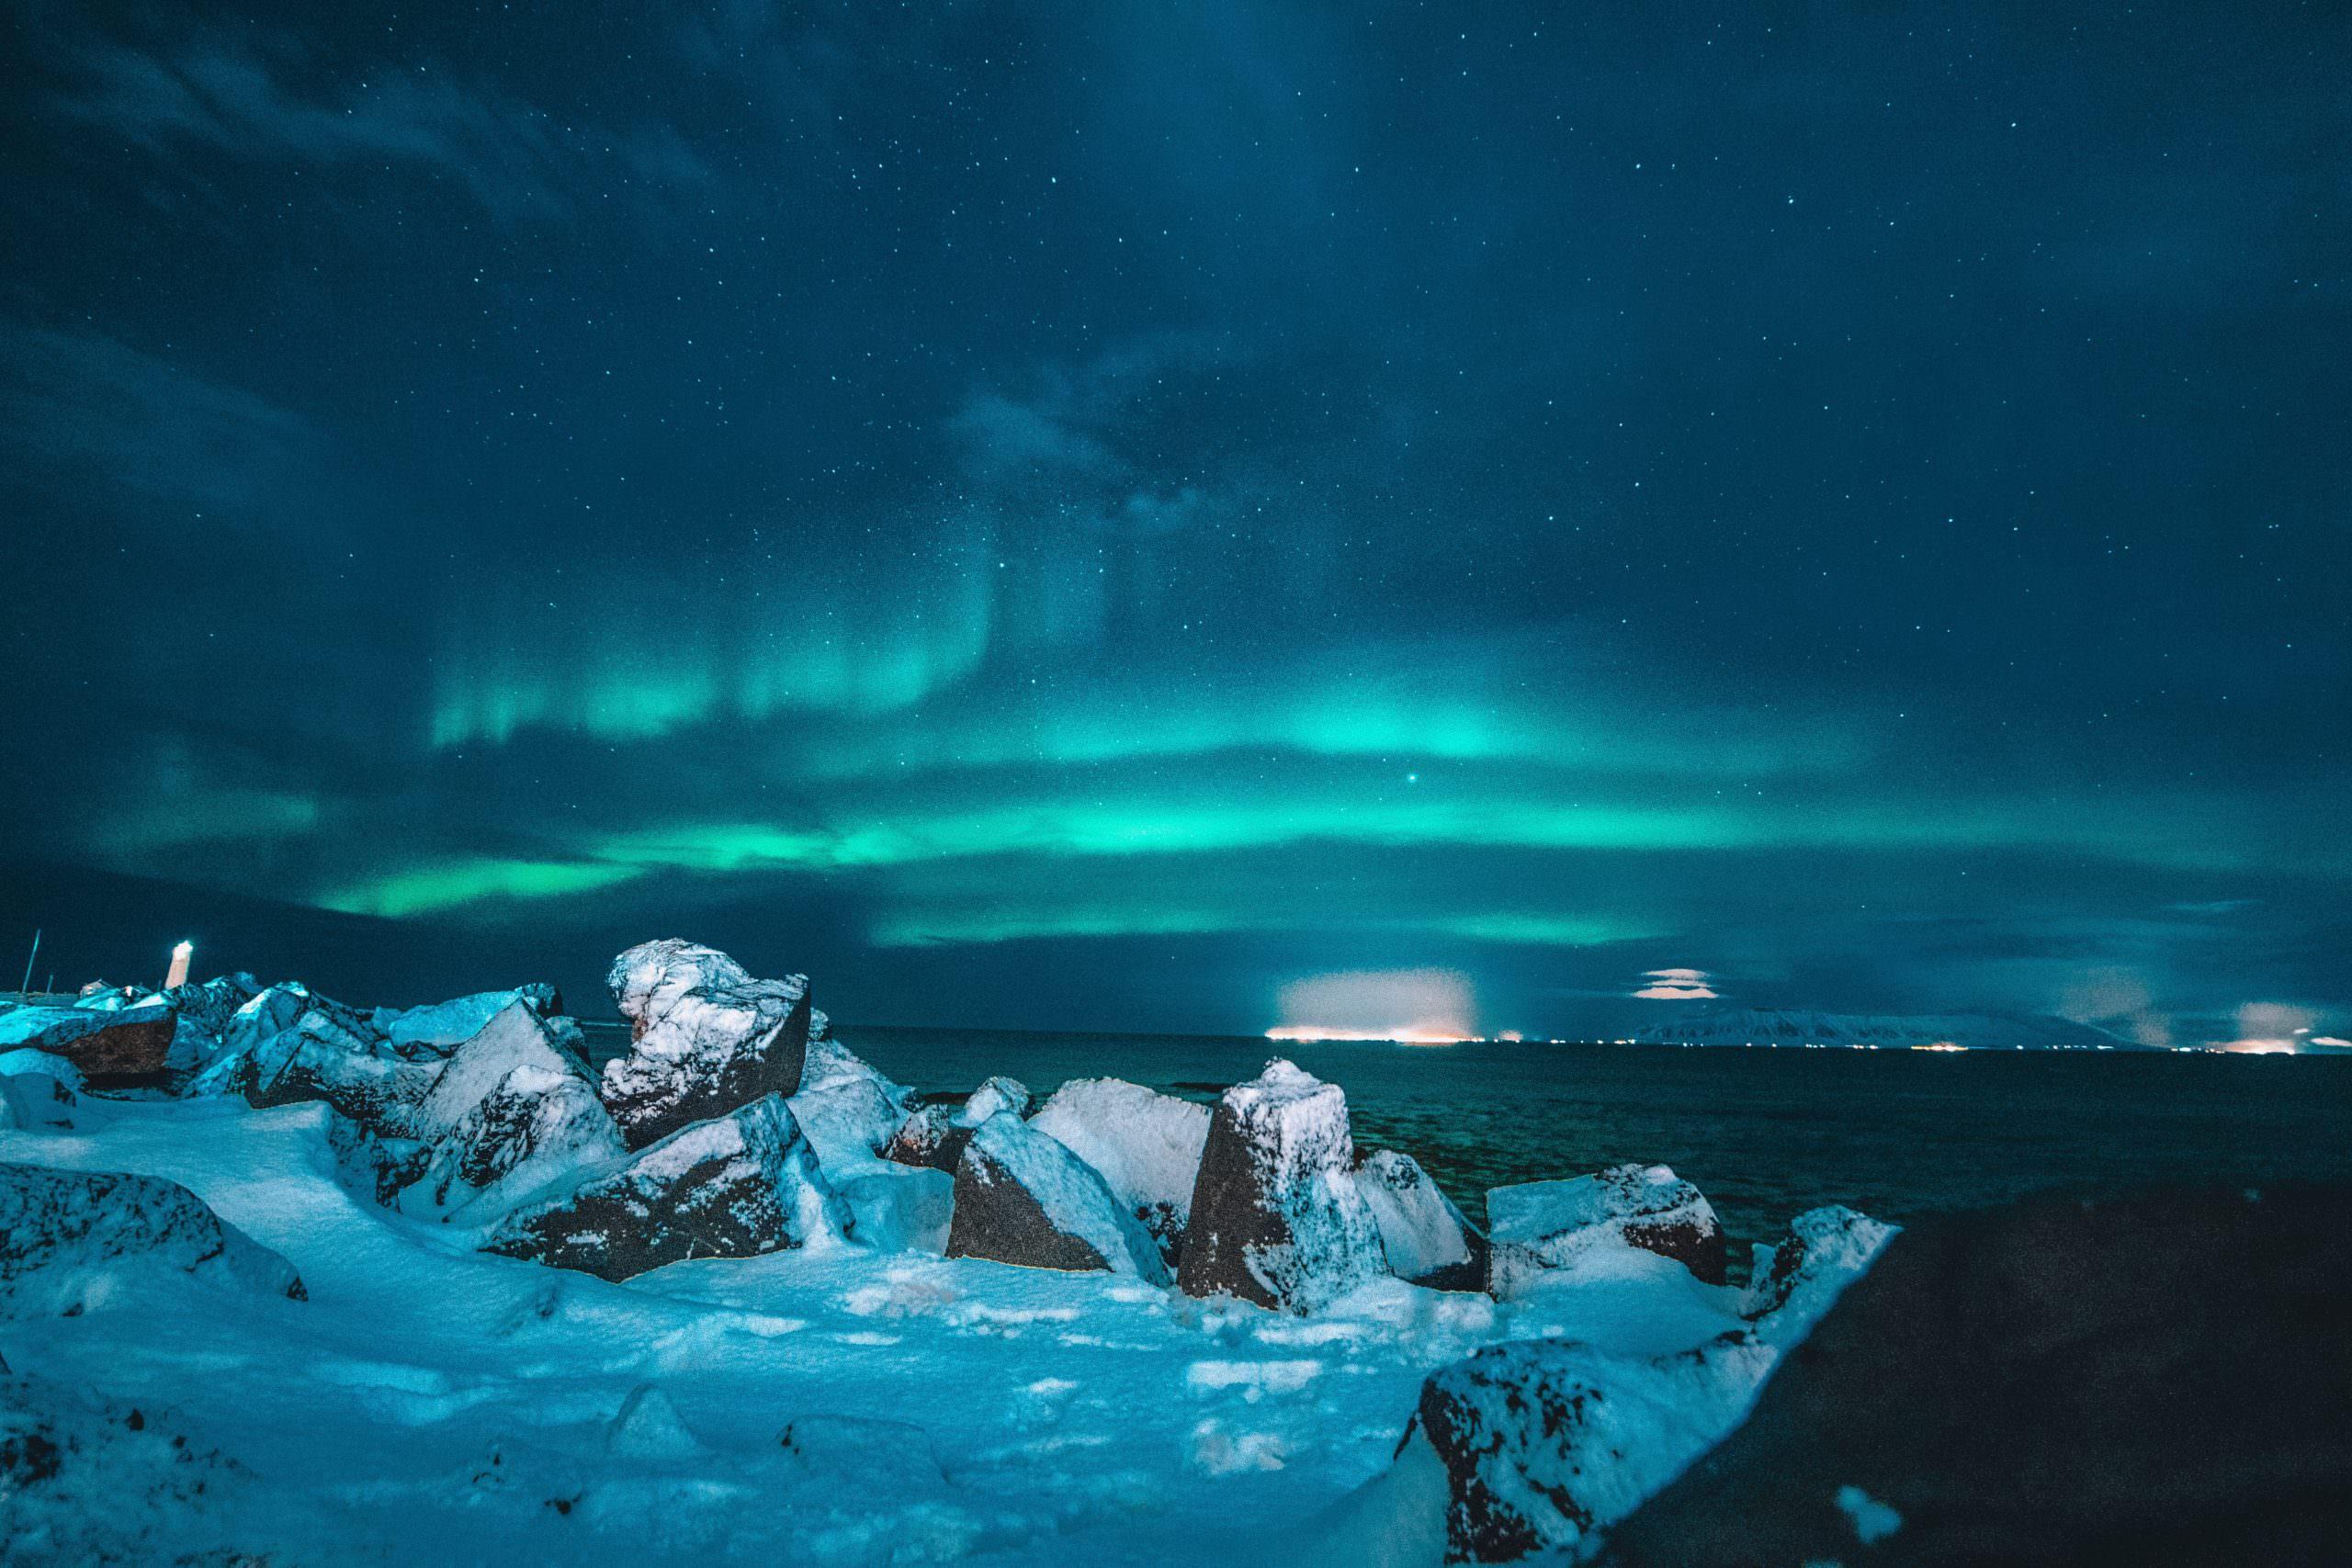 أفضل 10 أشياء يمكنك رؤيتها والقيام بها في آيسلندا